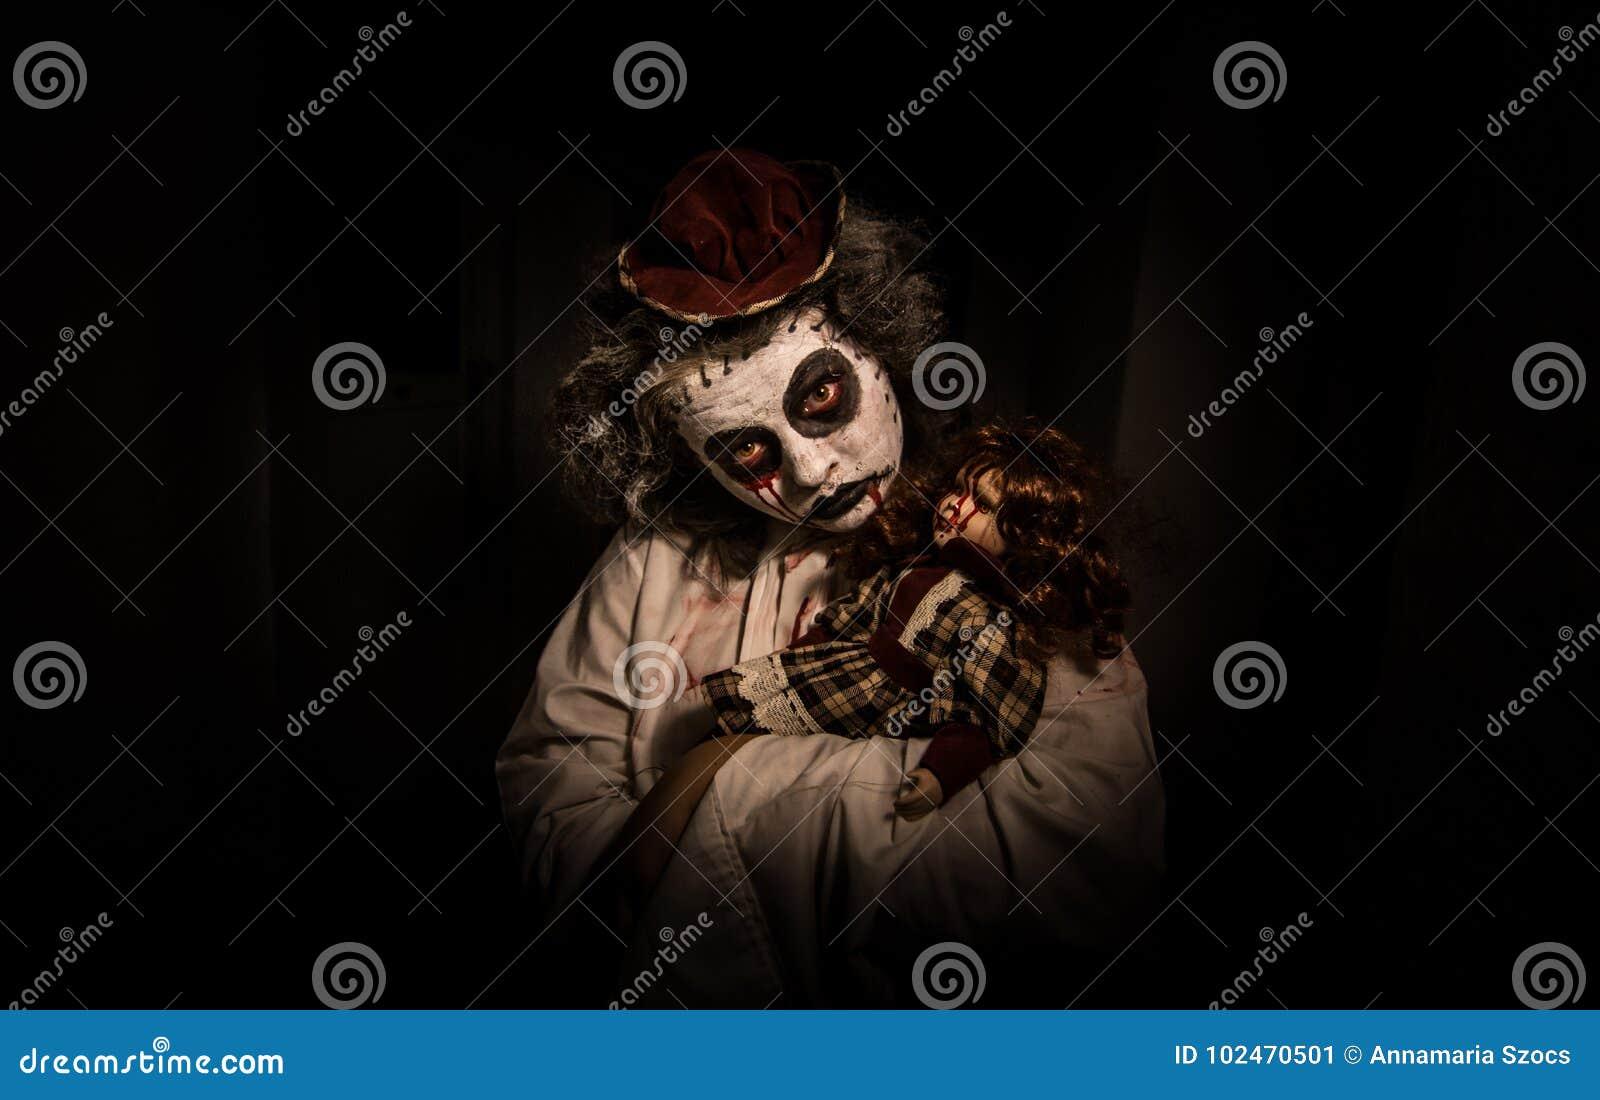 一个蠕动的女孩的画象有血淋淋的玩偶的